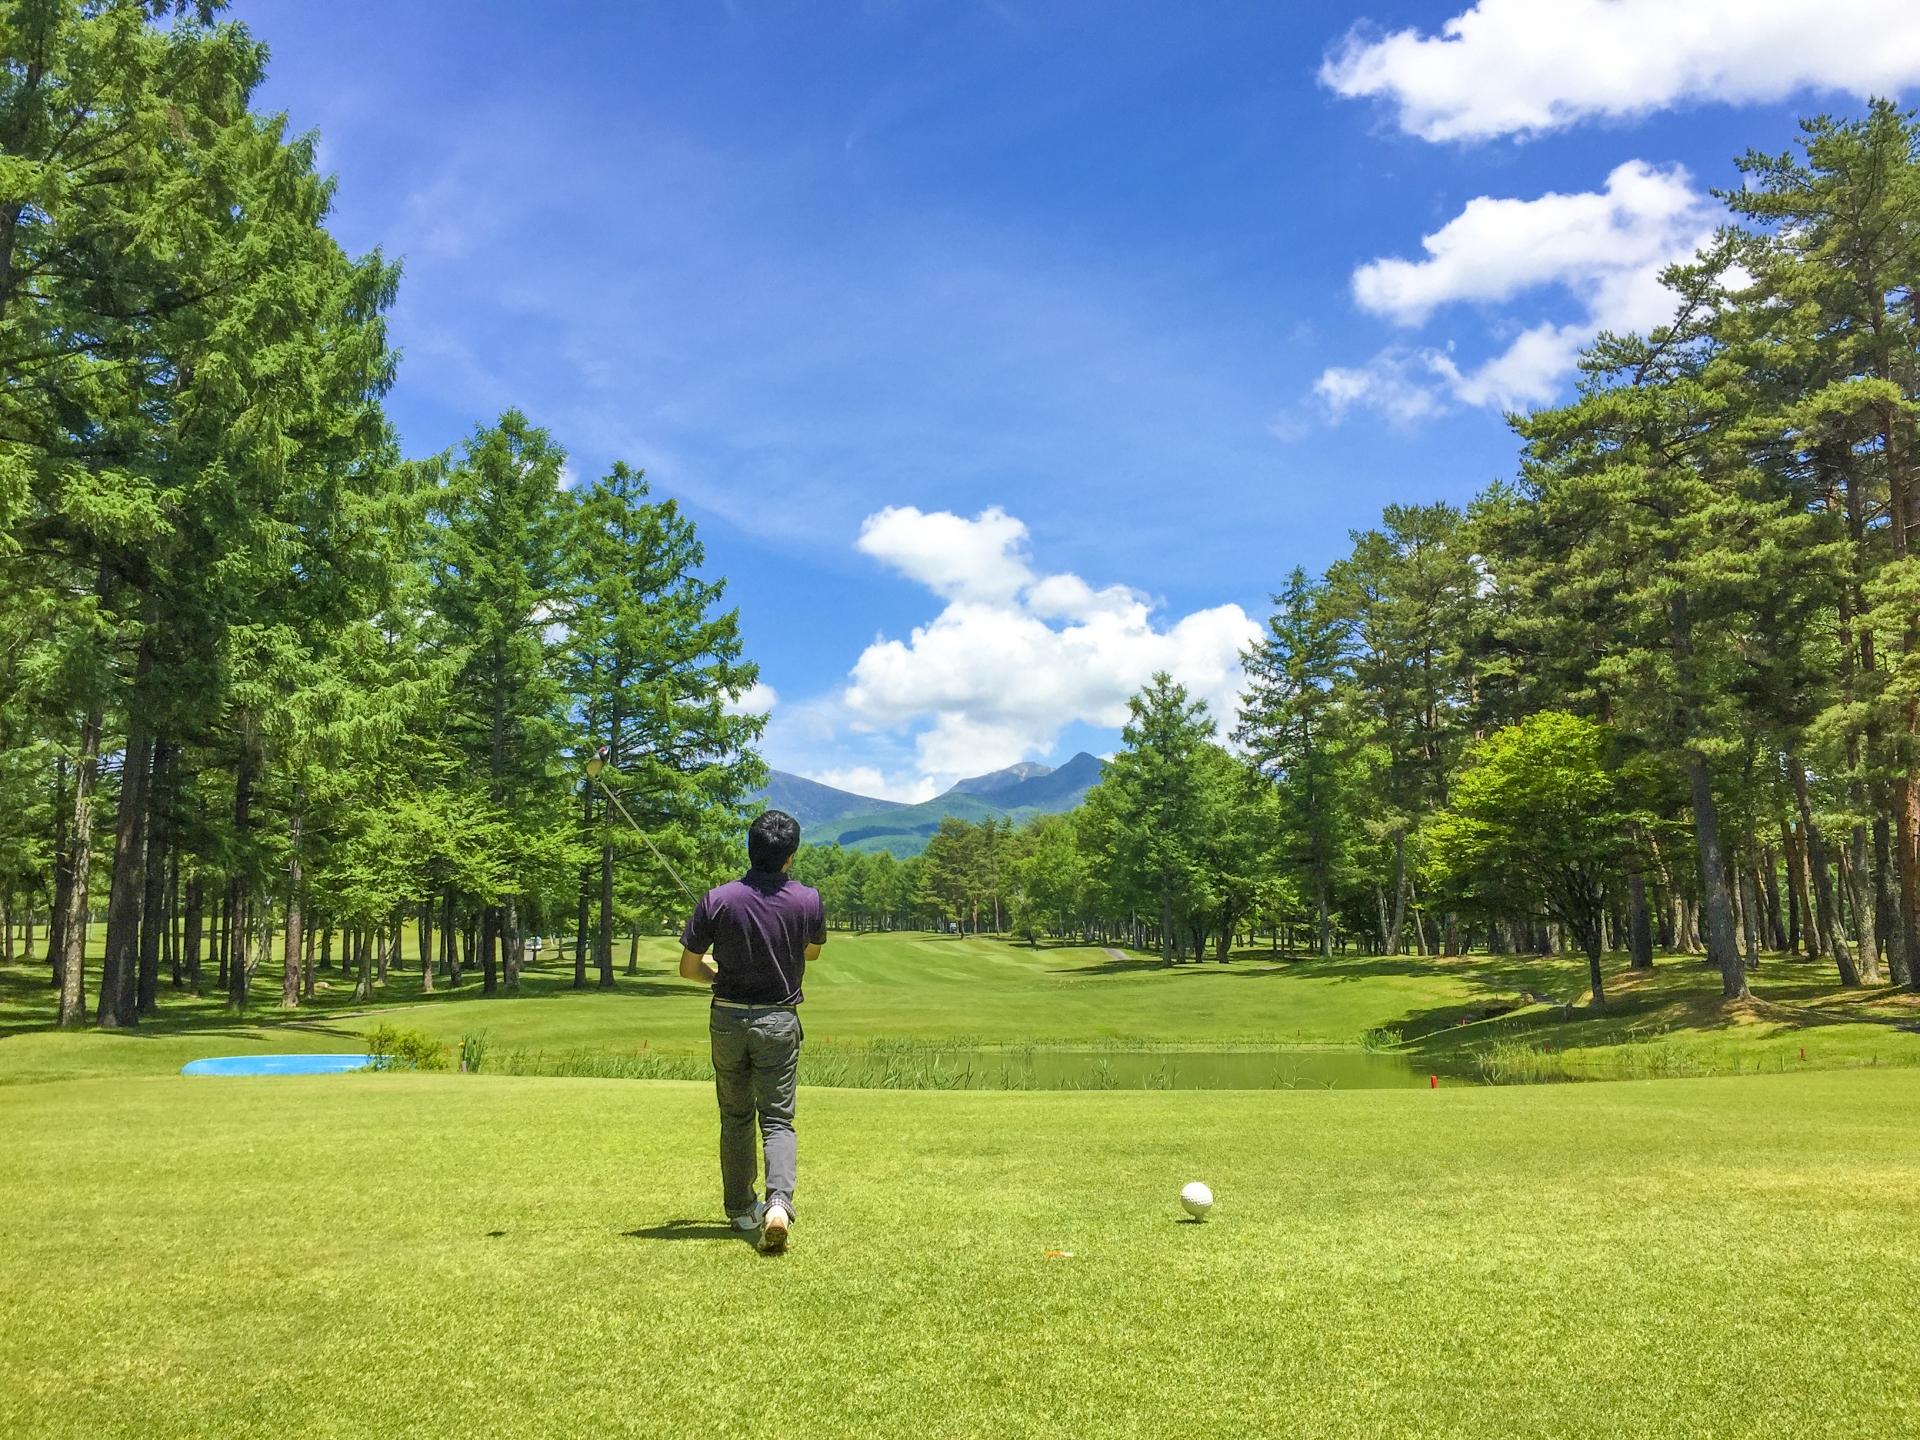 神奈川県のおすすめゴルフコース3選【ゴルフ×サステナブルを知ろう】